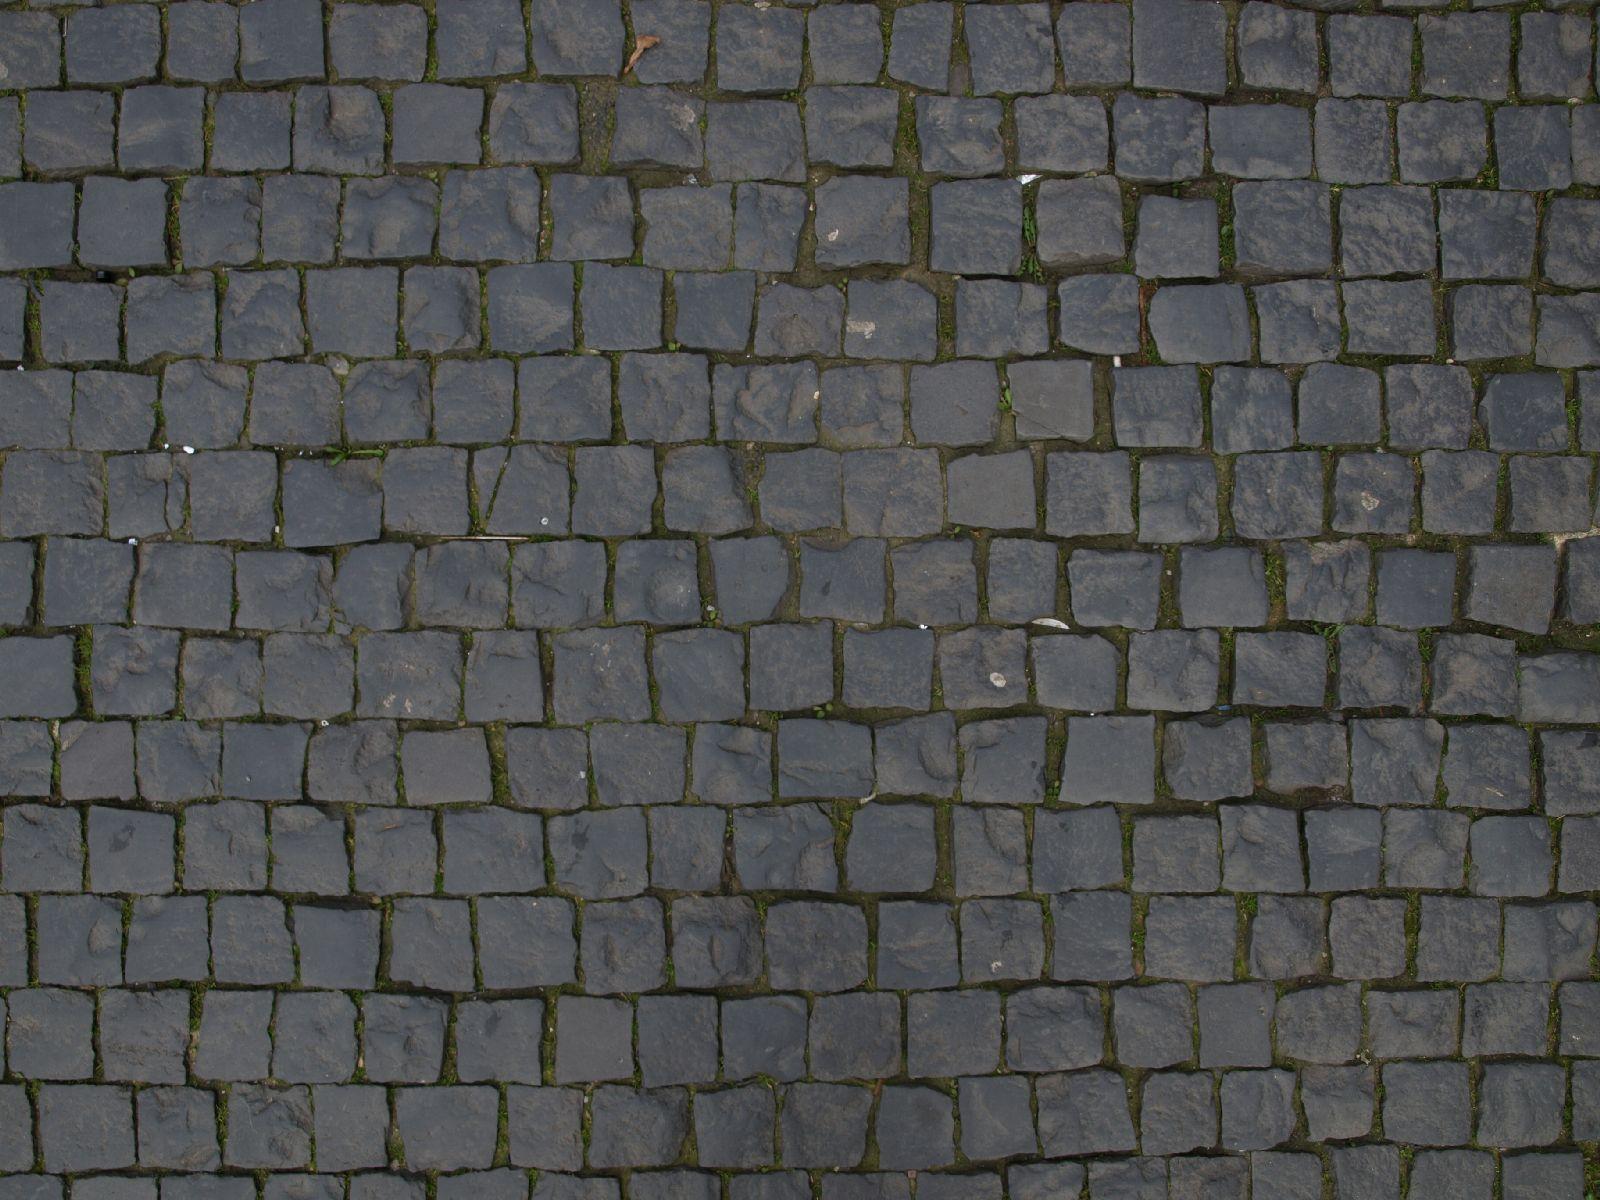 Boden-Gehweg-Strasse-Buergersteig-Textur_A_P4110603